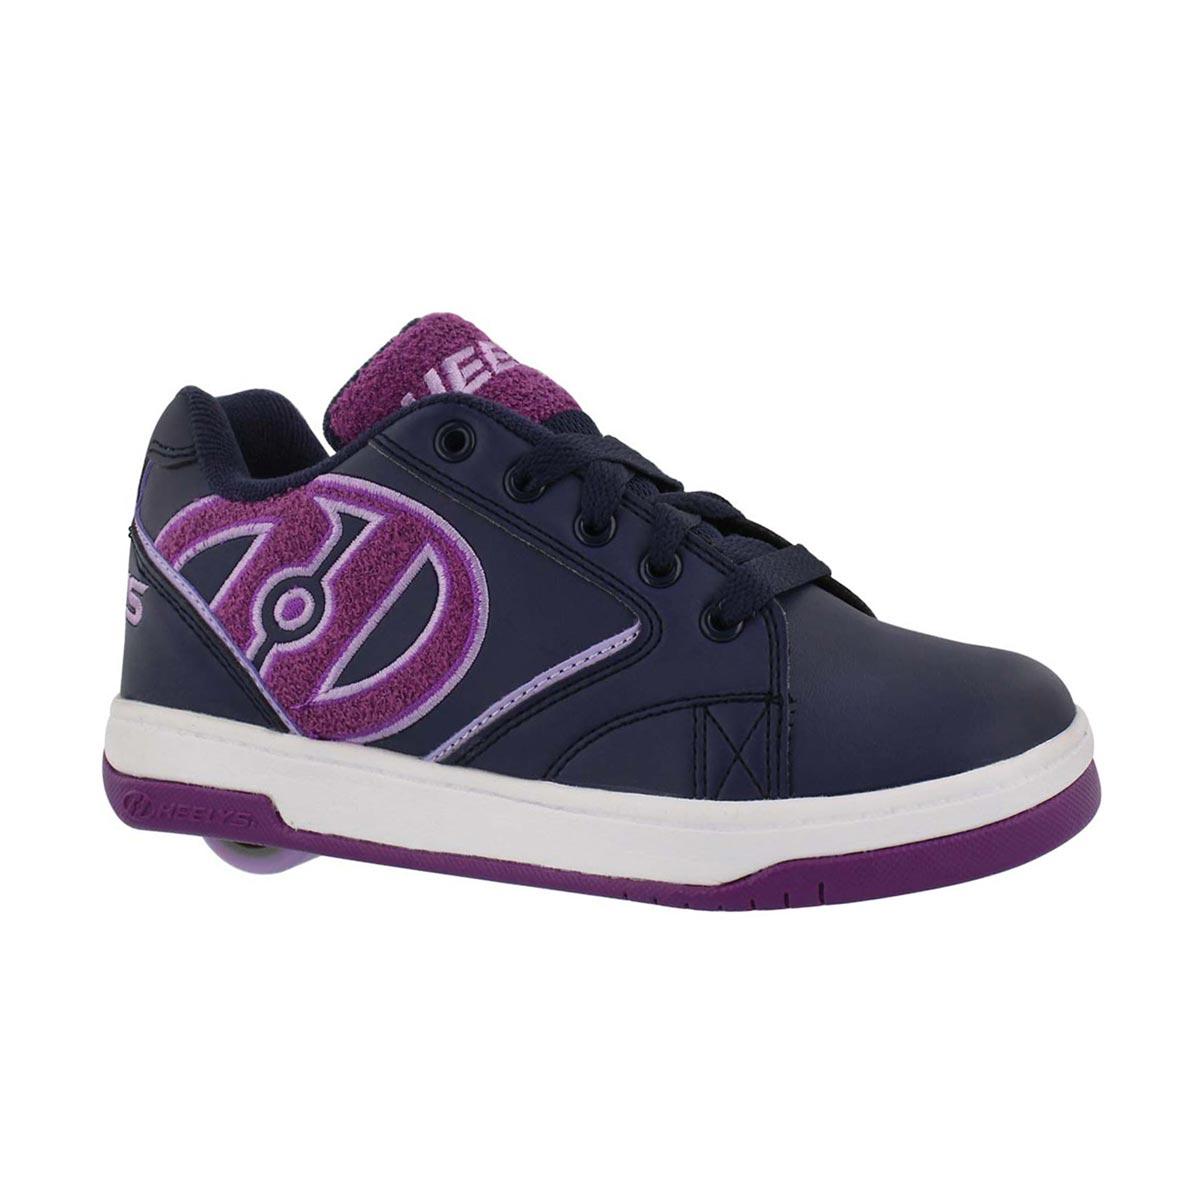 Girls' PROPEL TERRY navy/purple skate sneakers